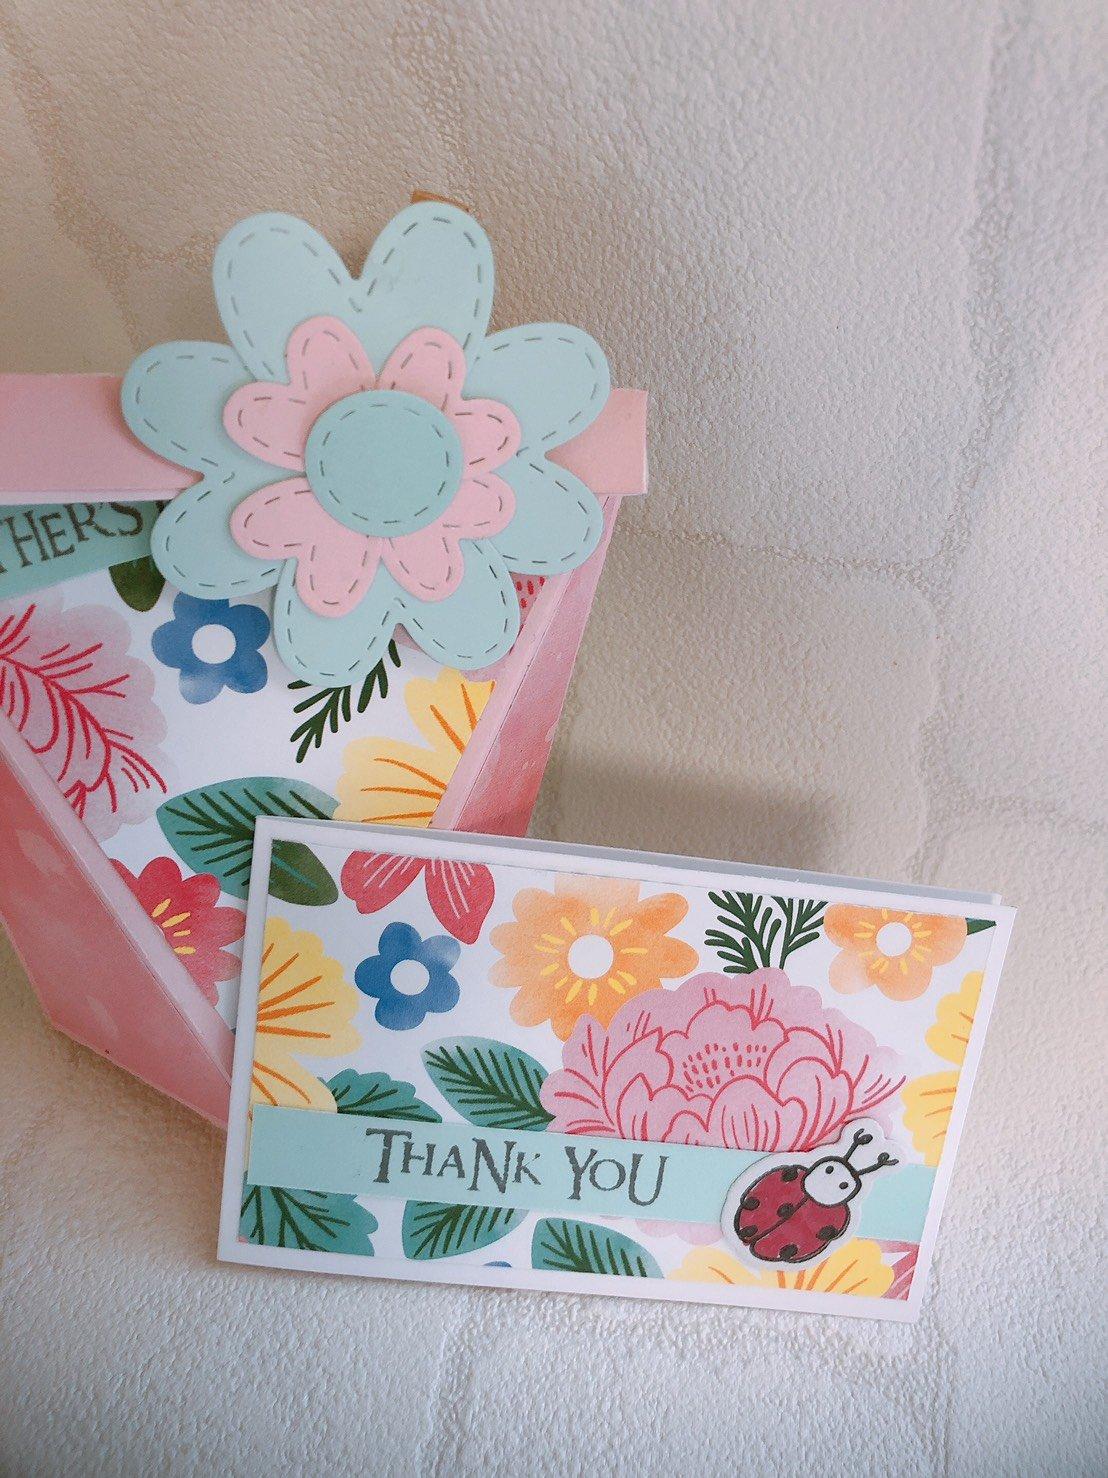 カフェでワークショップ!!焼き菓子ボックス&メッセージカード作り☆L'Ours米粉焼き菓子セット付き 第一部(10:30〜12:30)のイメージその3